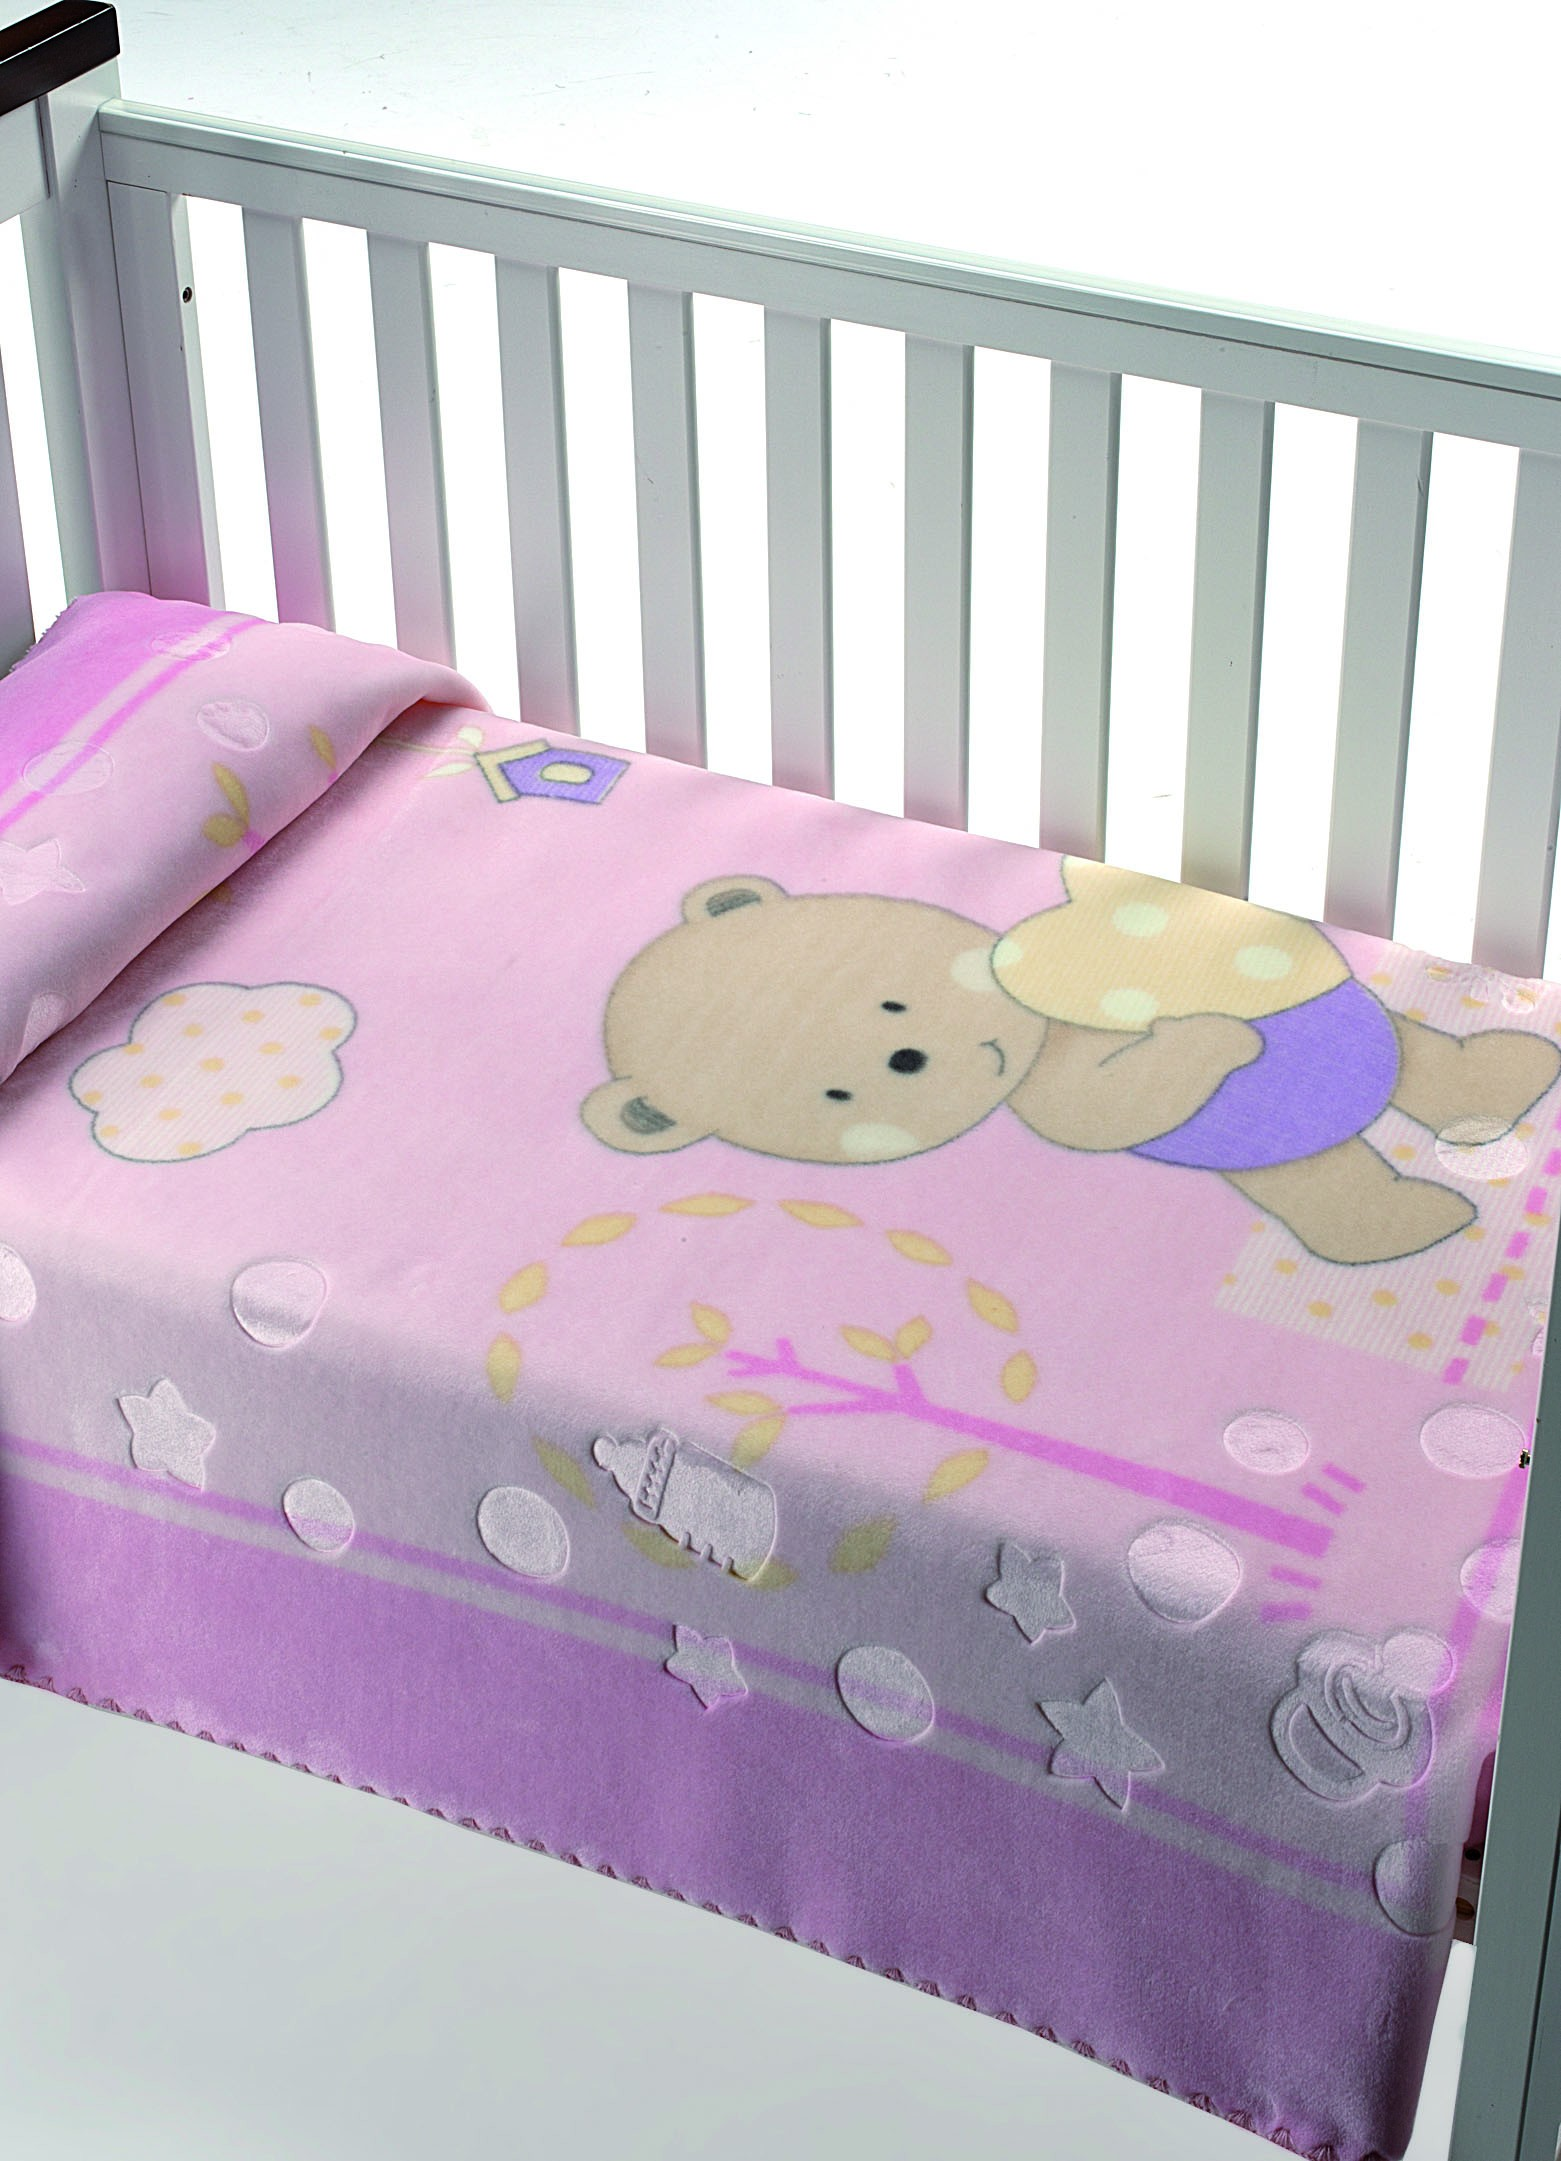 Κουβέρτα Βελουτέ Αγκαλιάς Morven Luxury Plus 826 Ροζ